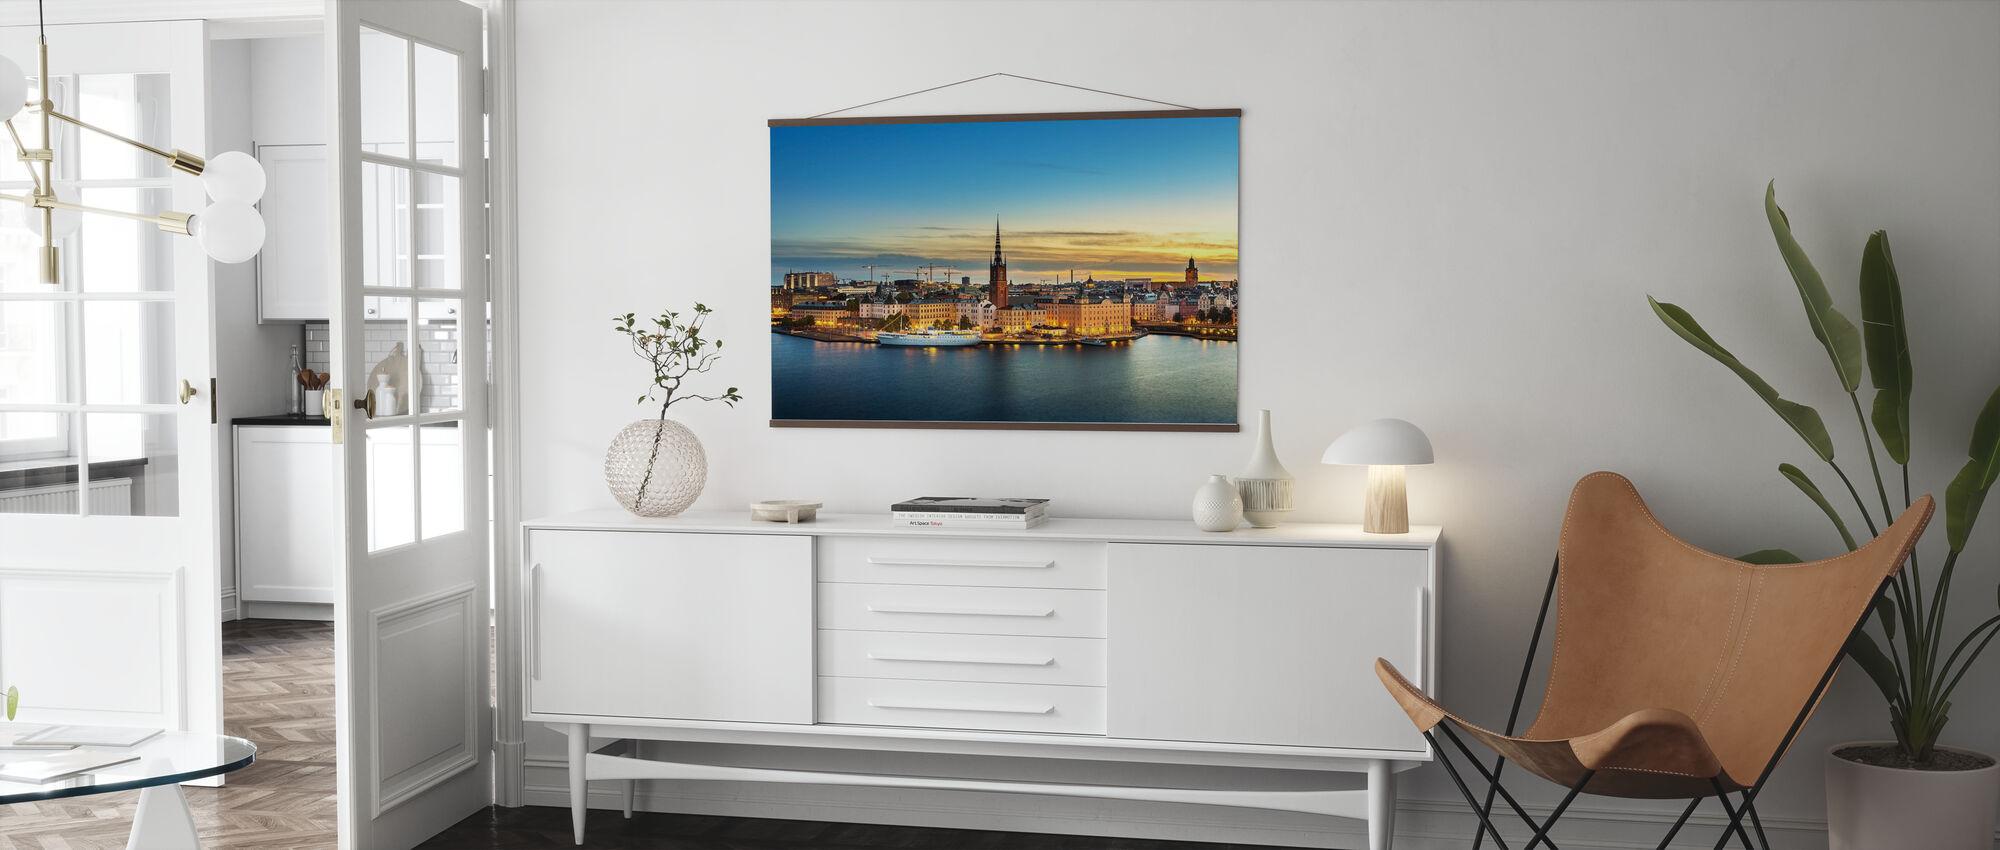 Sonnenuntergang über Riddarholmen Stockholm - Poster - Wohnzimmer